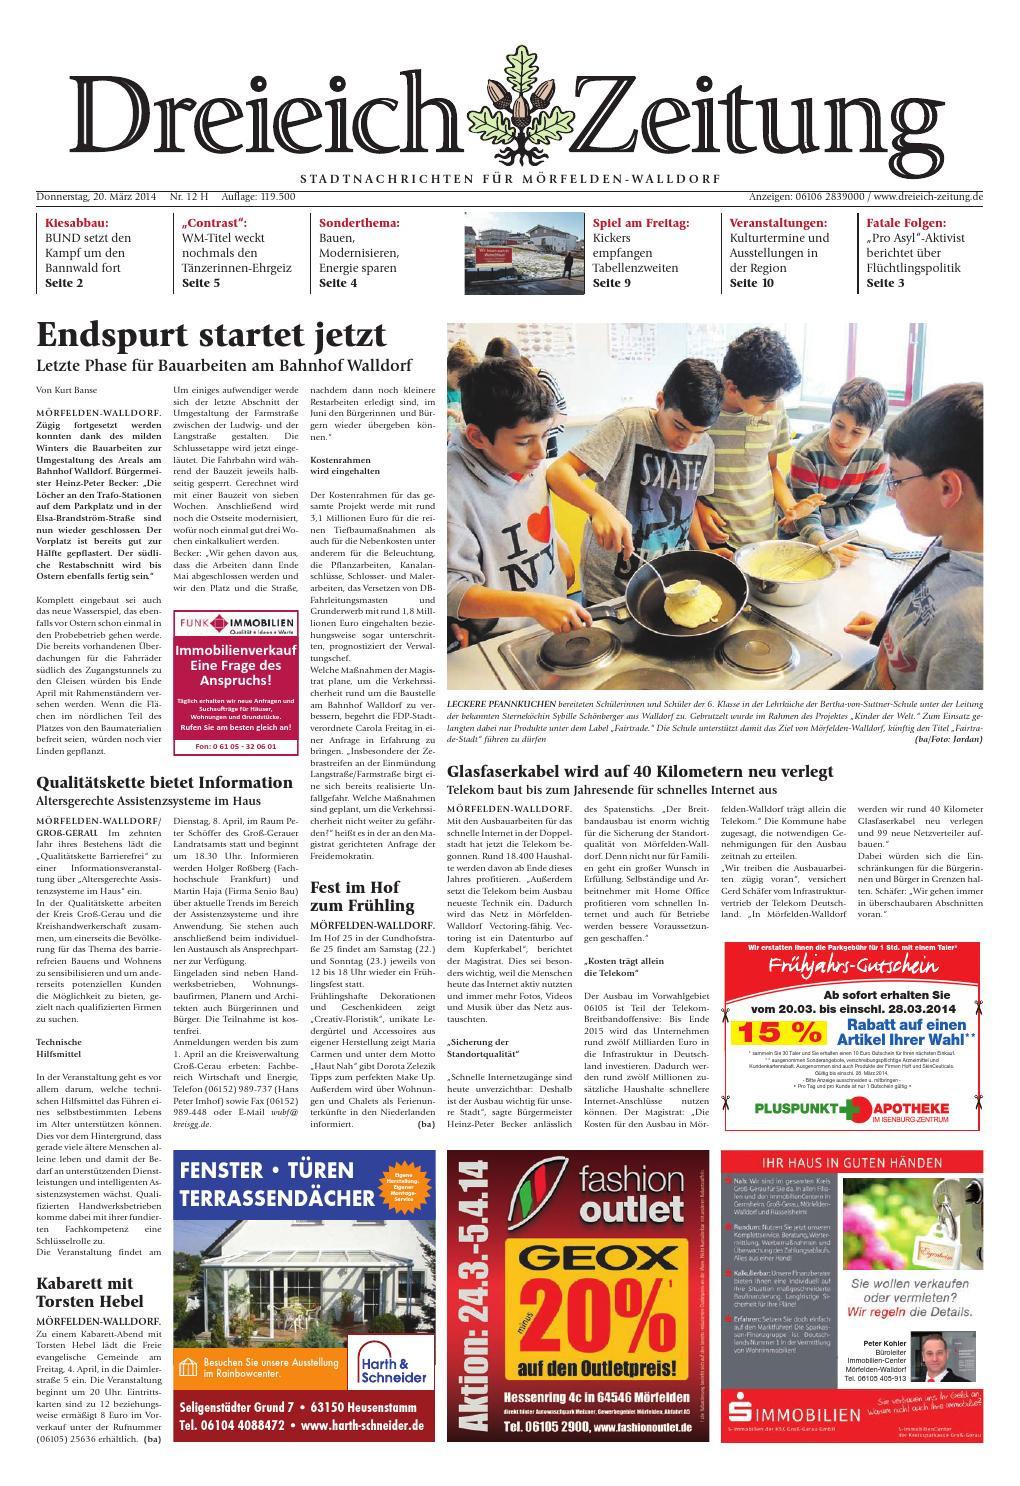 Designer Fantastisch M&L Abendkleider Dreieich Ärmel17 Schön M&L Abendkleider Dreieich Vertrieb